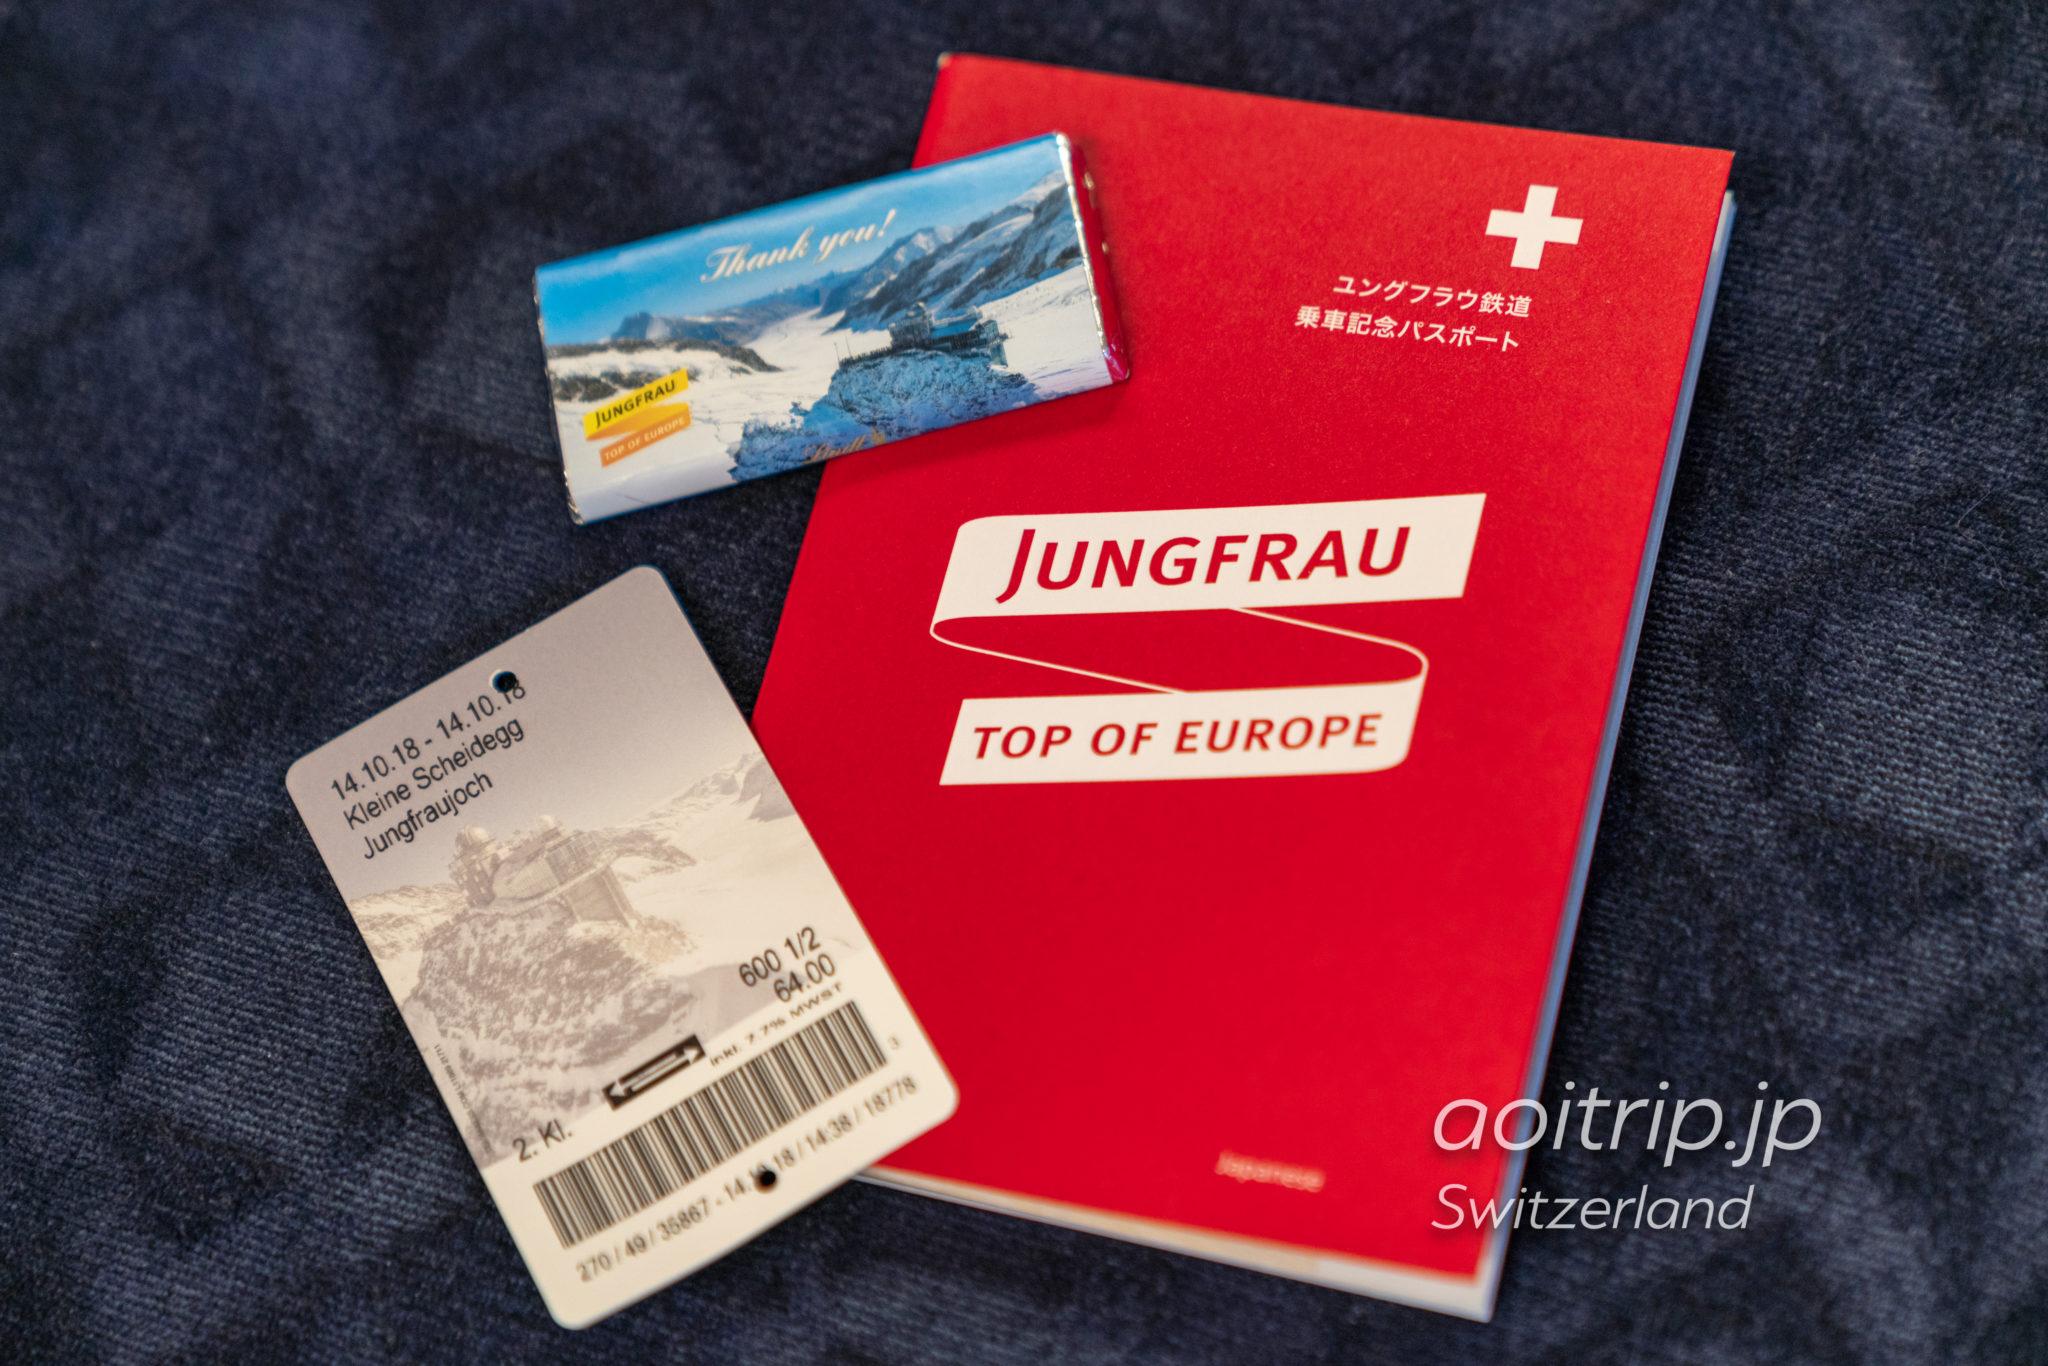 ユングフラウ鉄道 乗車記念パスポート